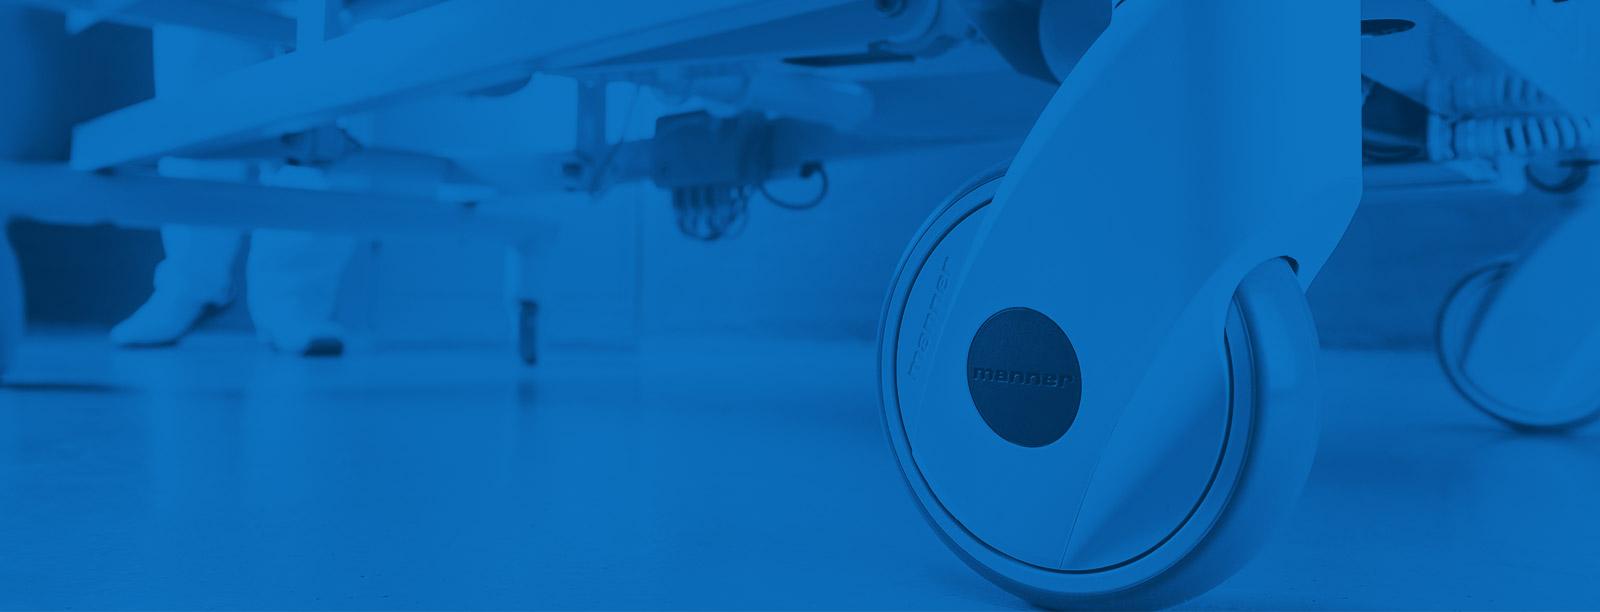 Manners apparathjul är lämpliga inom hälso- och sjukvård